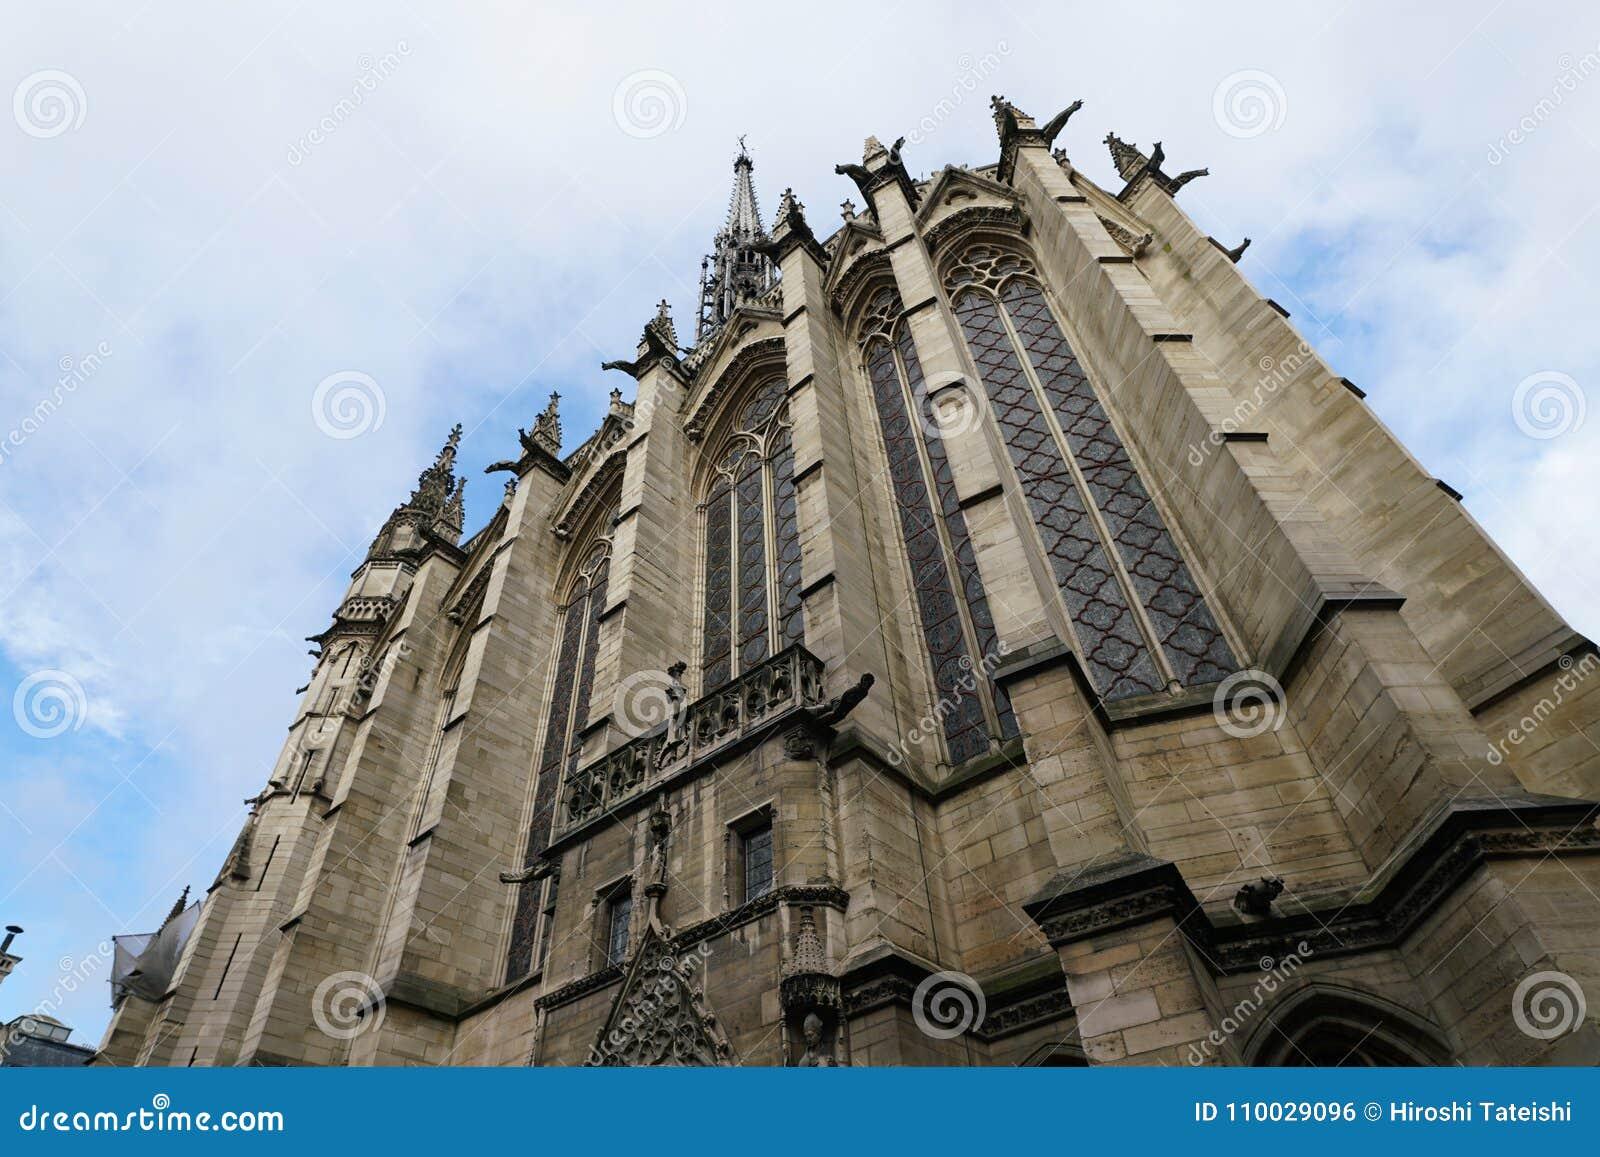 Gargouilles bij een kerk in Frankrijk